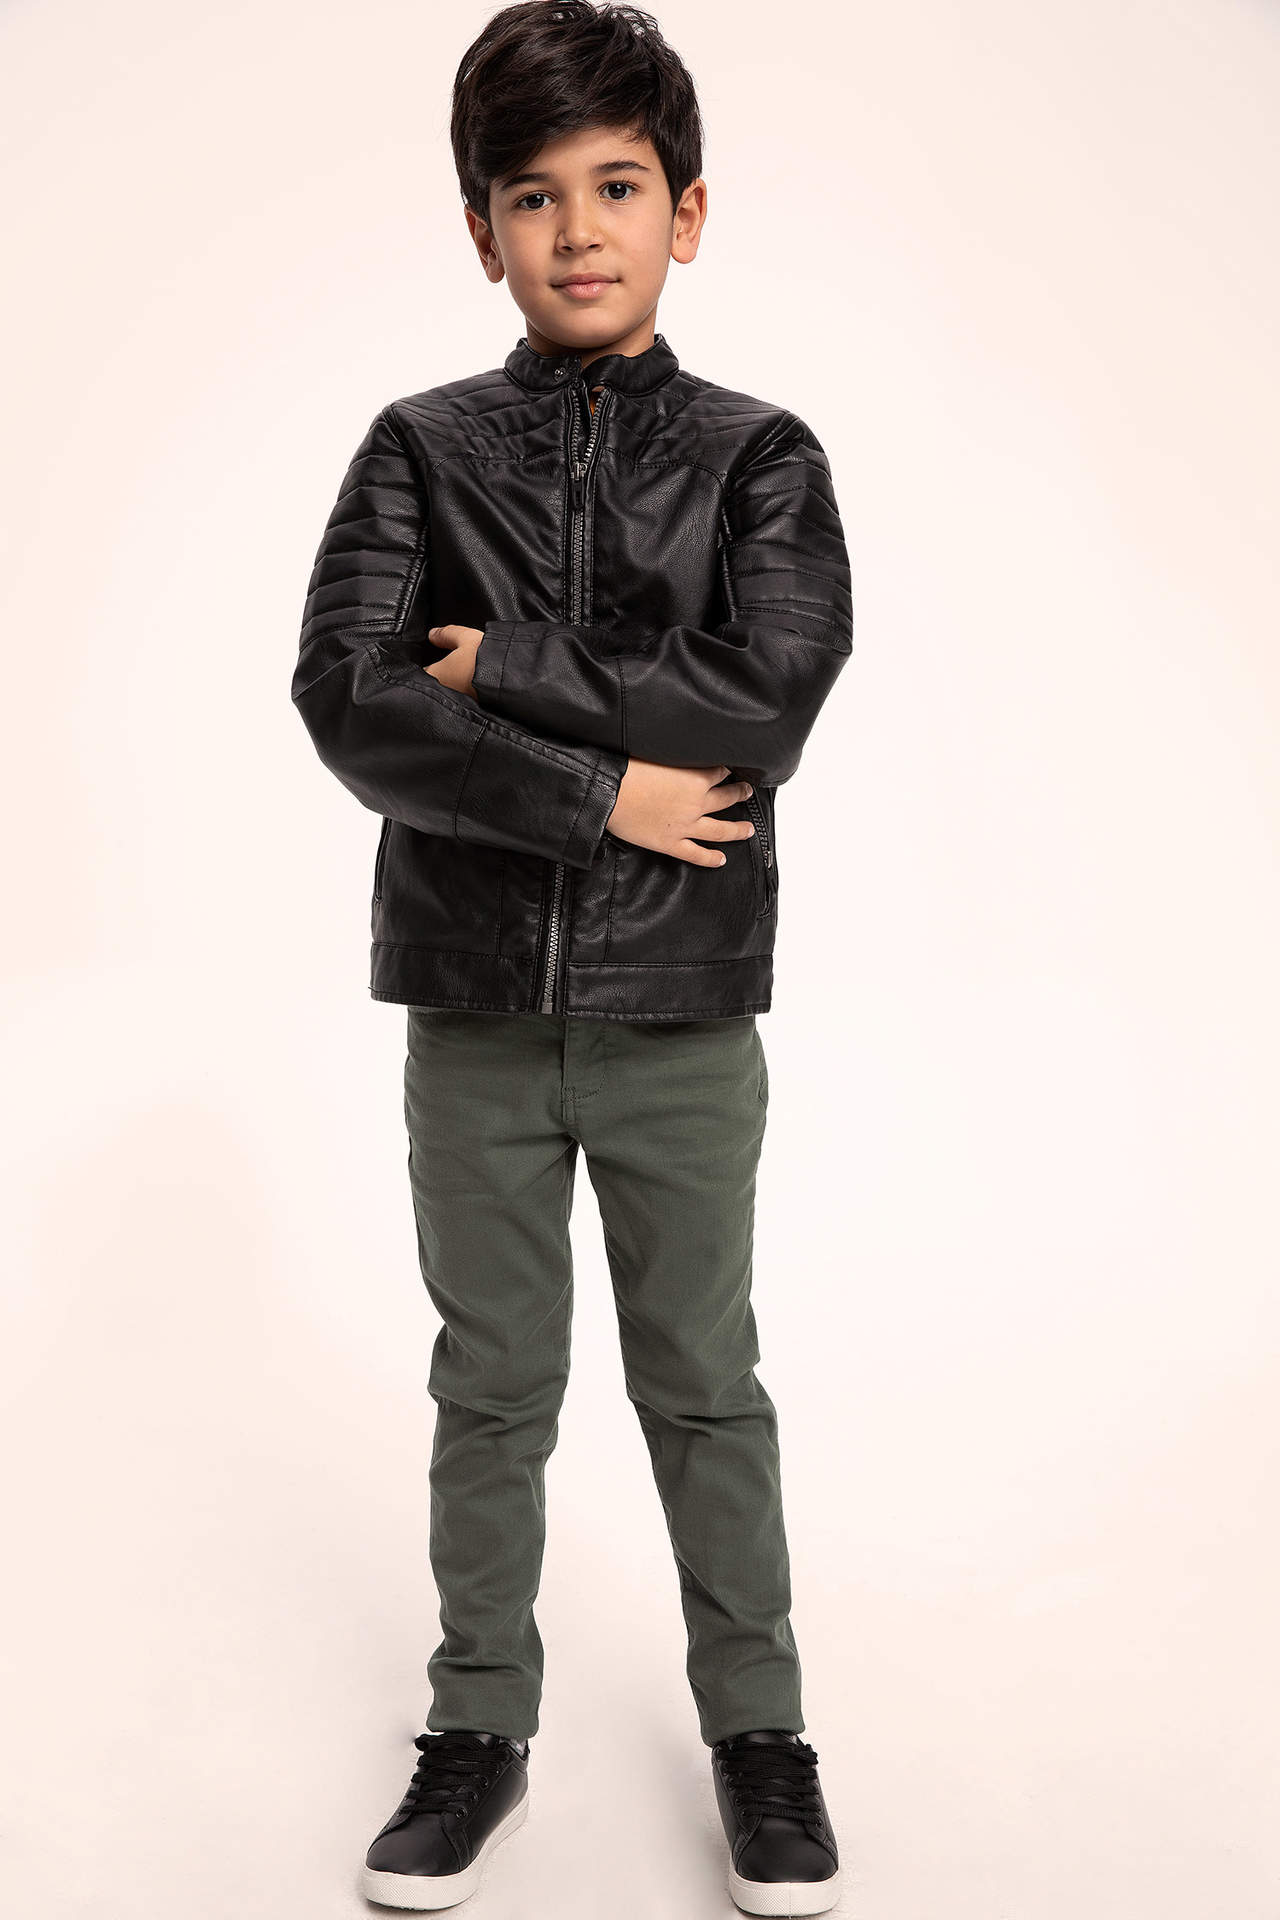 DeFacto Erkek Çocuk Fermuarlı Suni Deri Ceket Siyah male